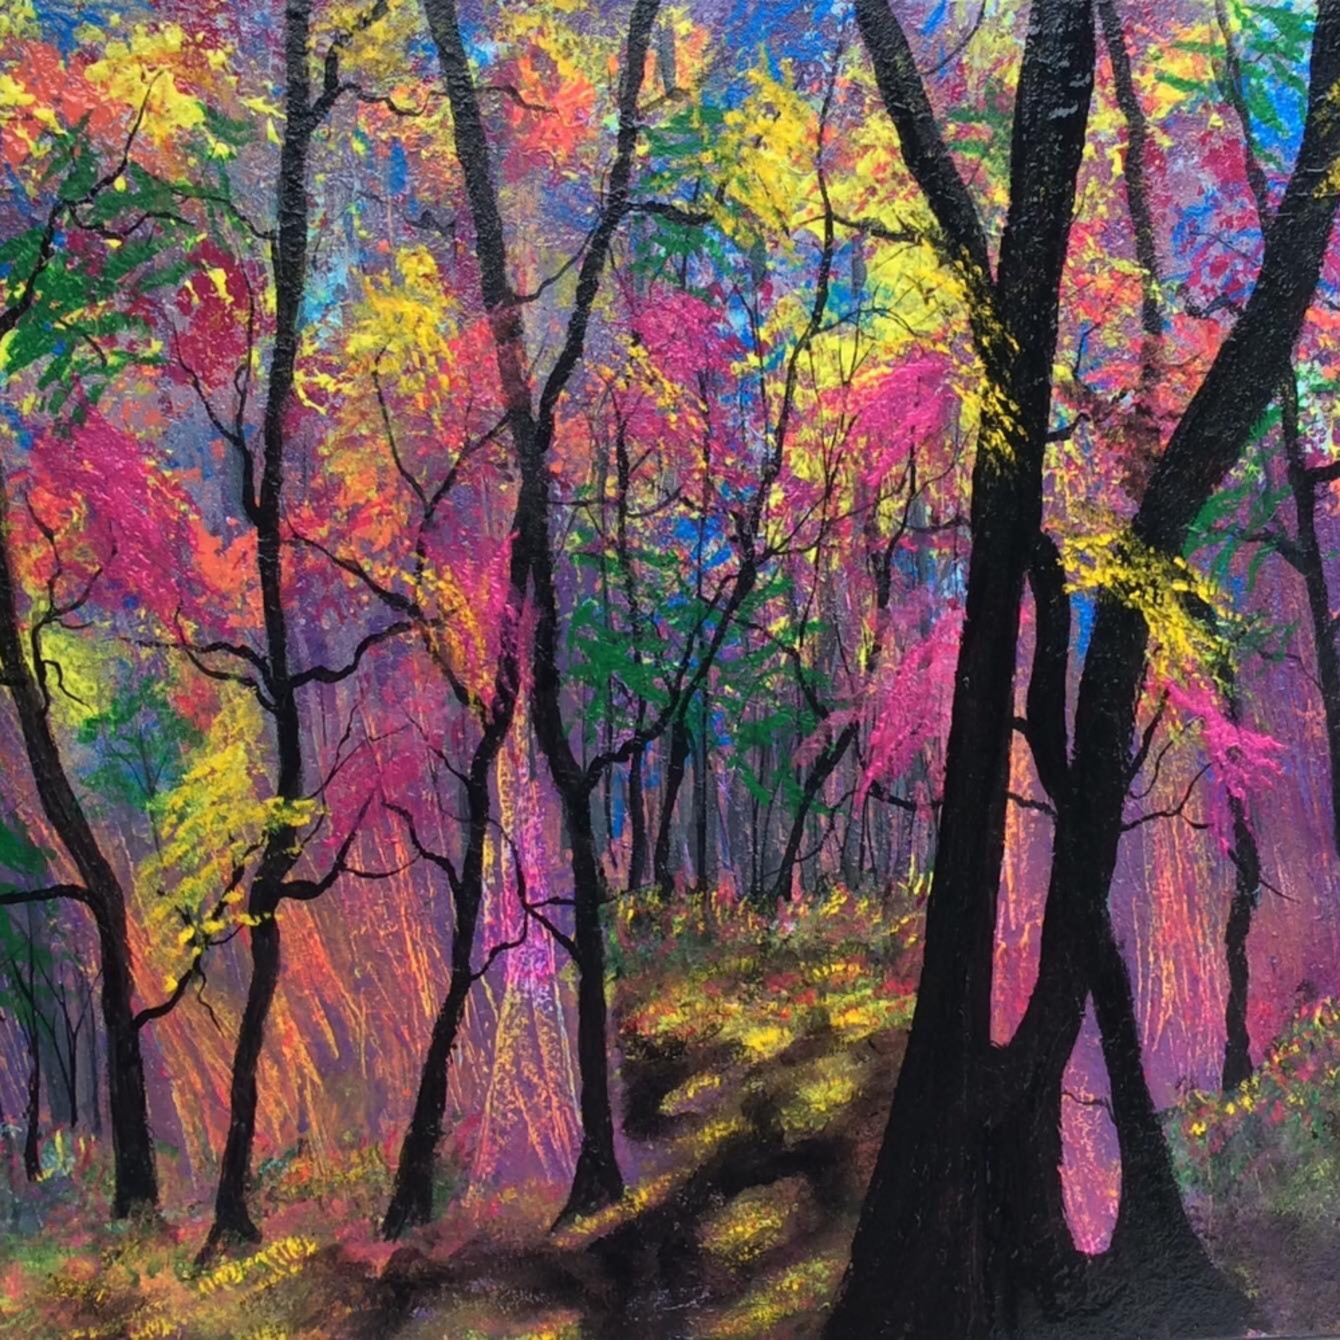 Fantasy forest 2 szbvxv